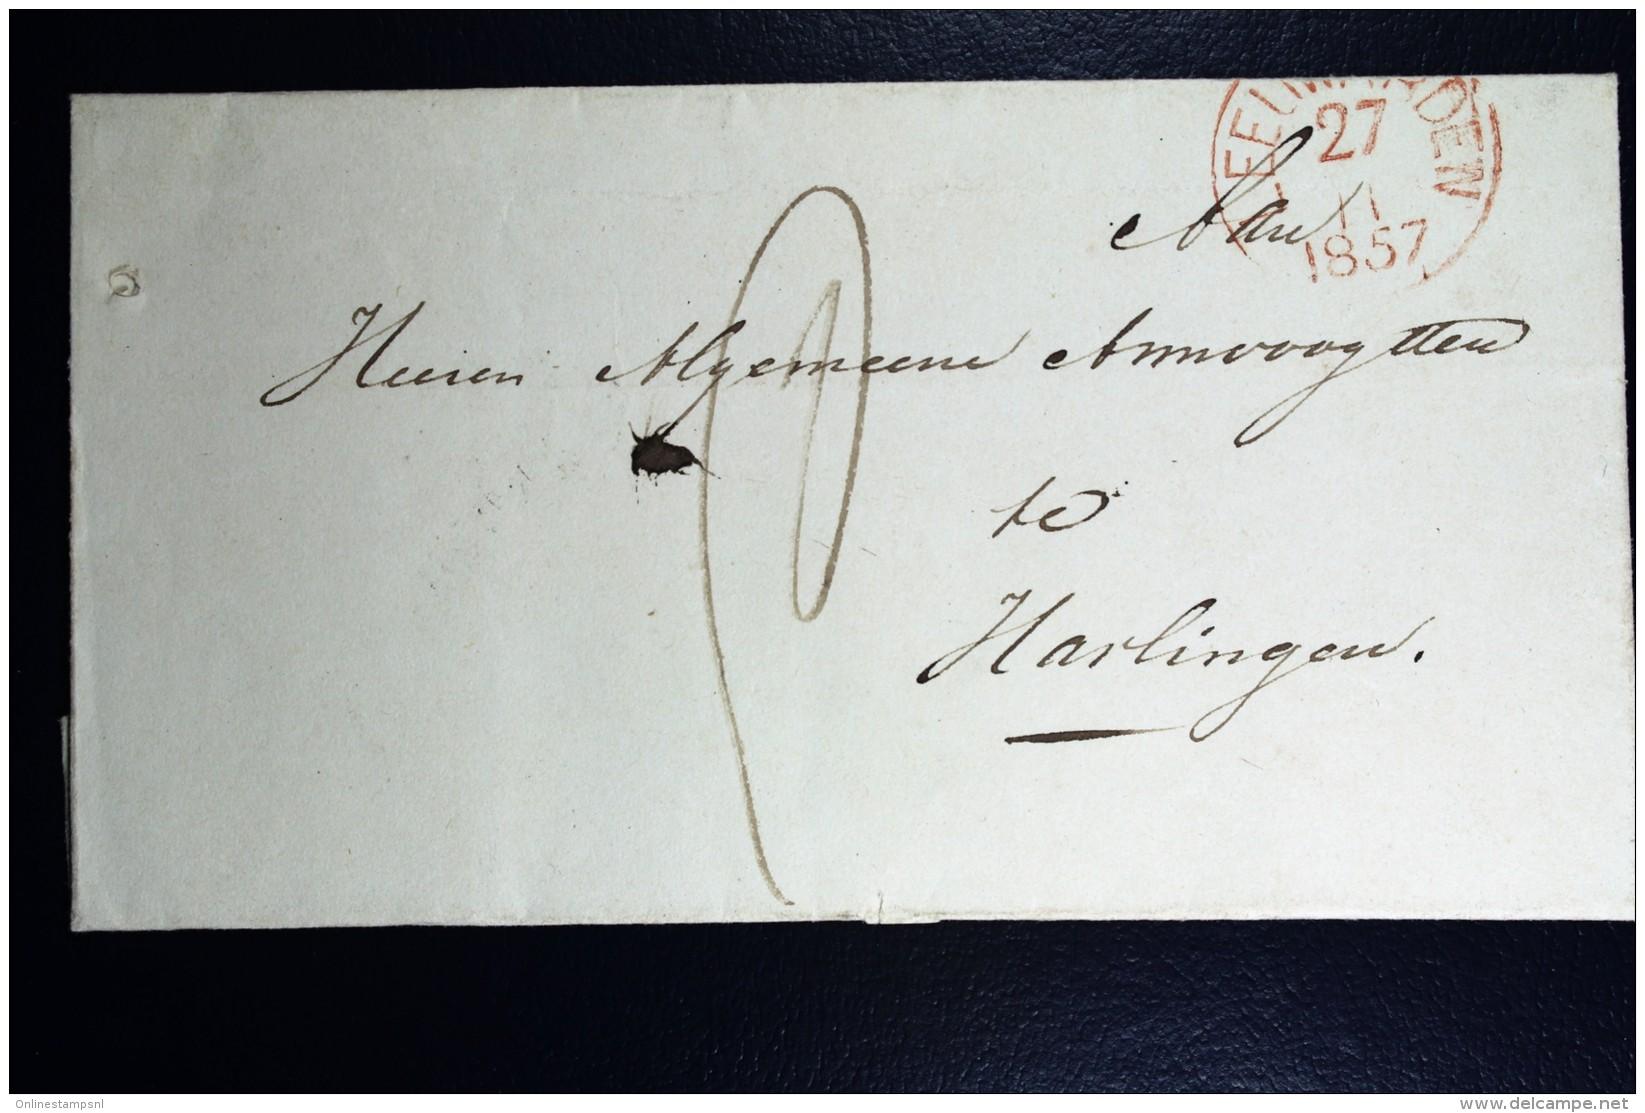 Cover Van HARDEGARYP Via Leeuwarden Naar Harlingen 1857 - Niederlande